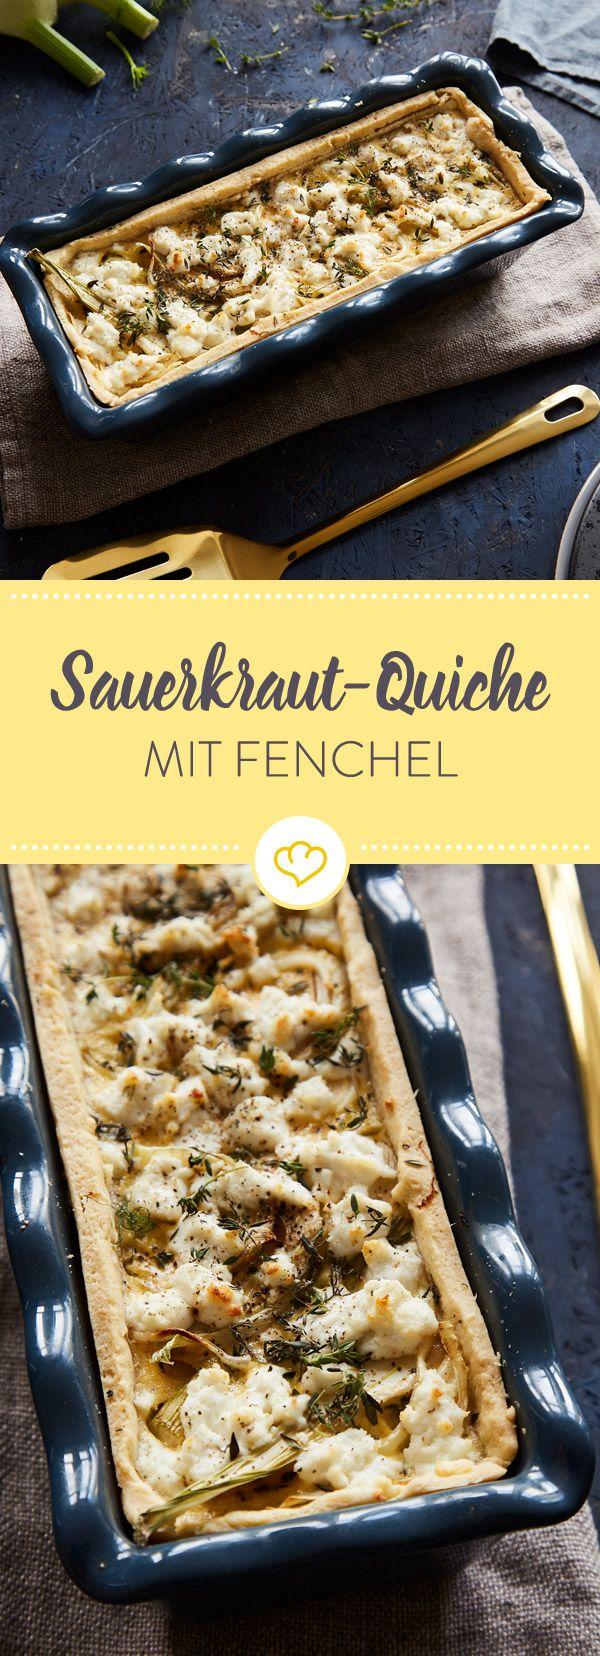 Was duftet denn da so lecker? Eine prächtige Quiche mit saftigem Sauerkraut, frischem Fenchel und aromatischem Ziegenkäse.